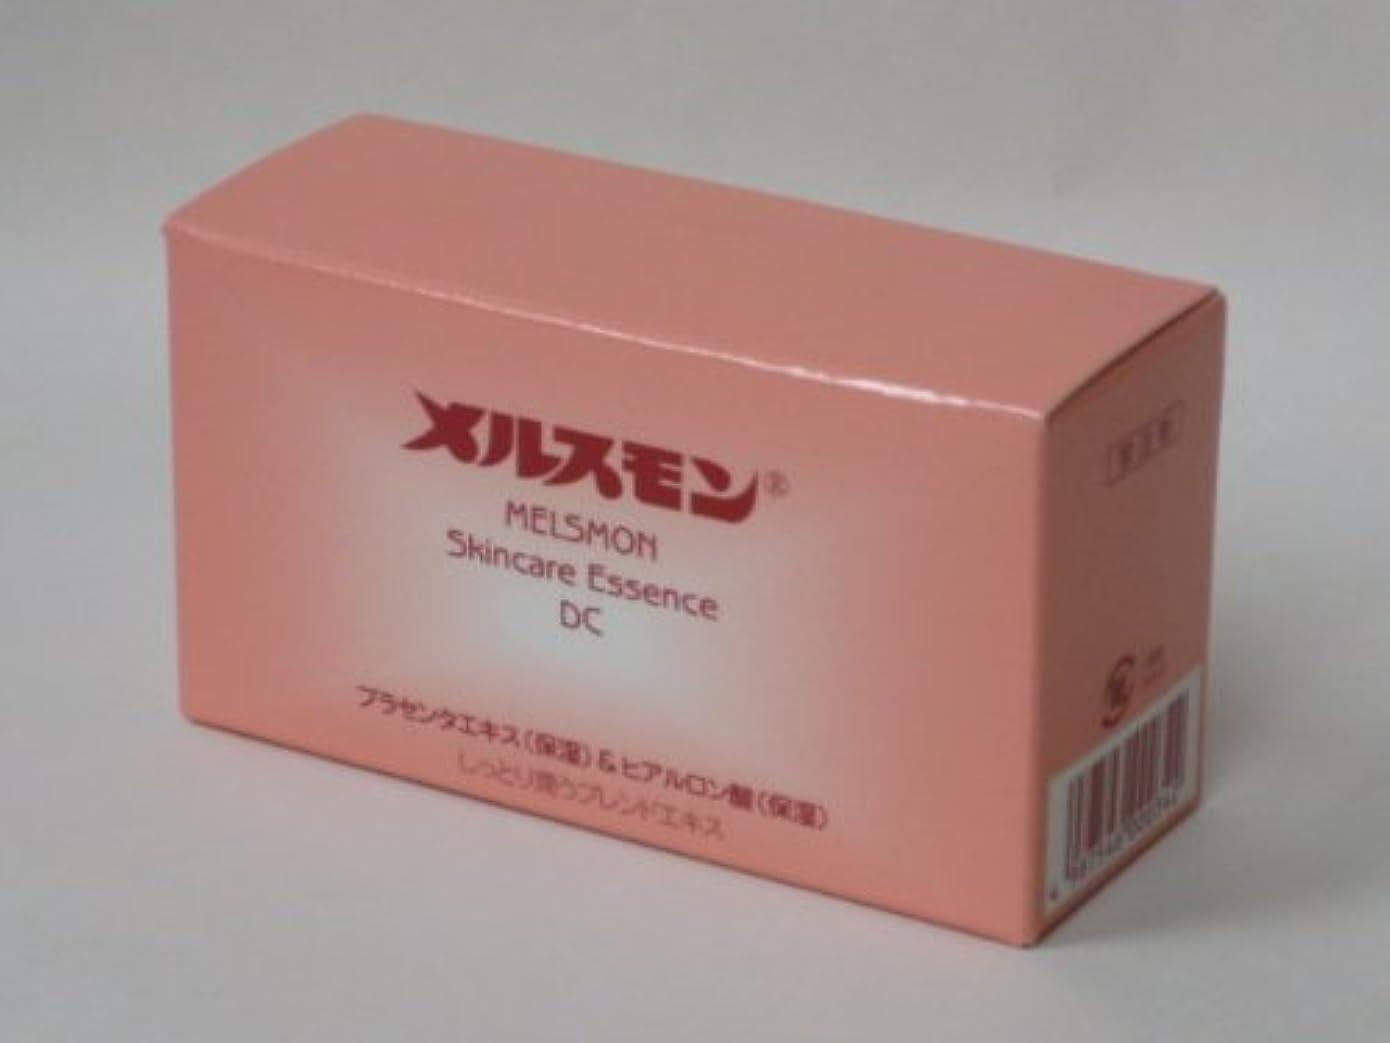 梨同行競うメルスモンスキンケアエッセンス10ml x 3×3箱